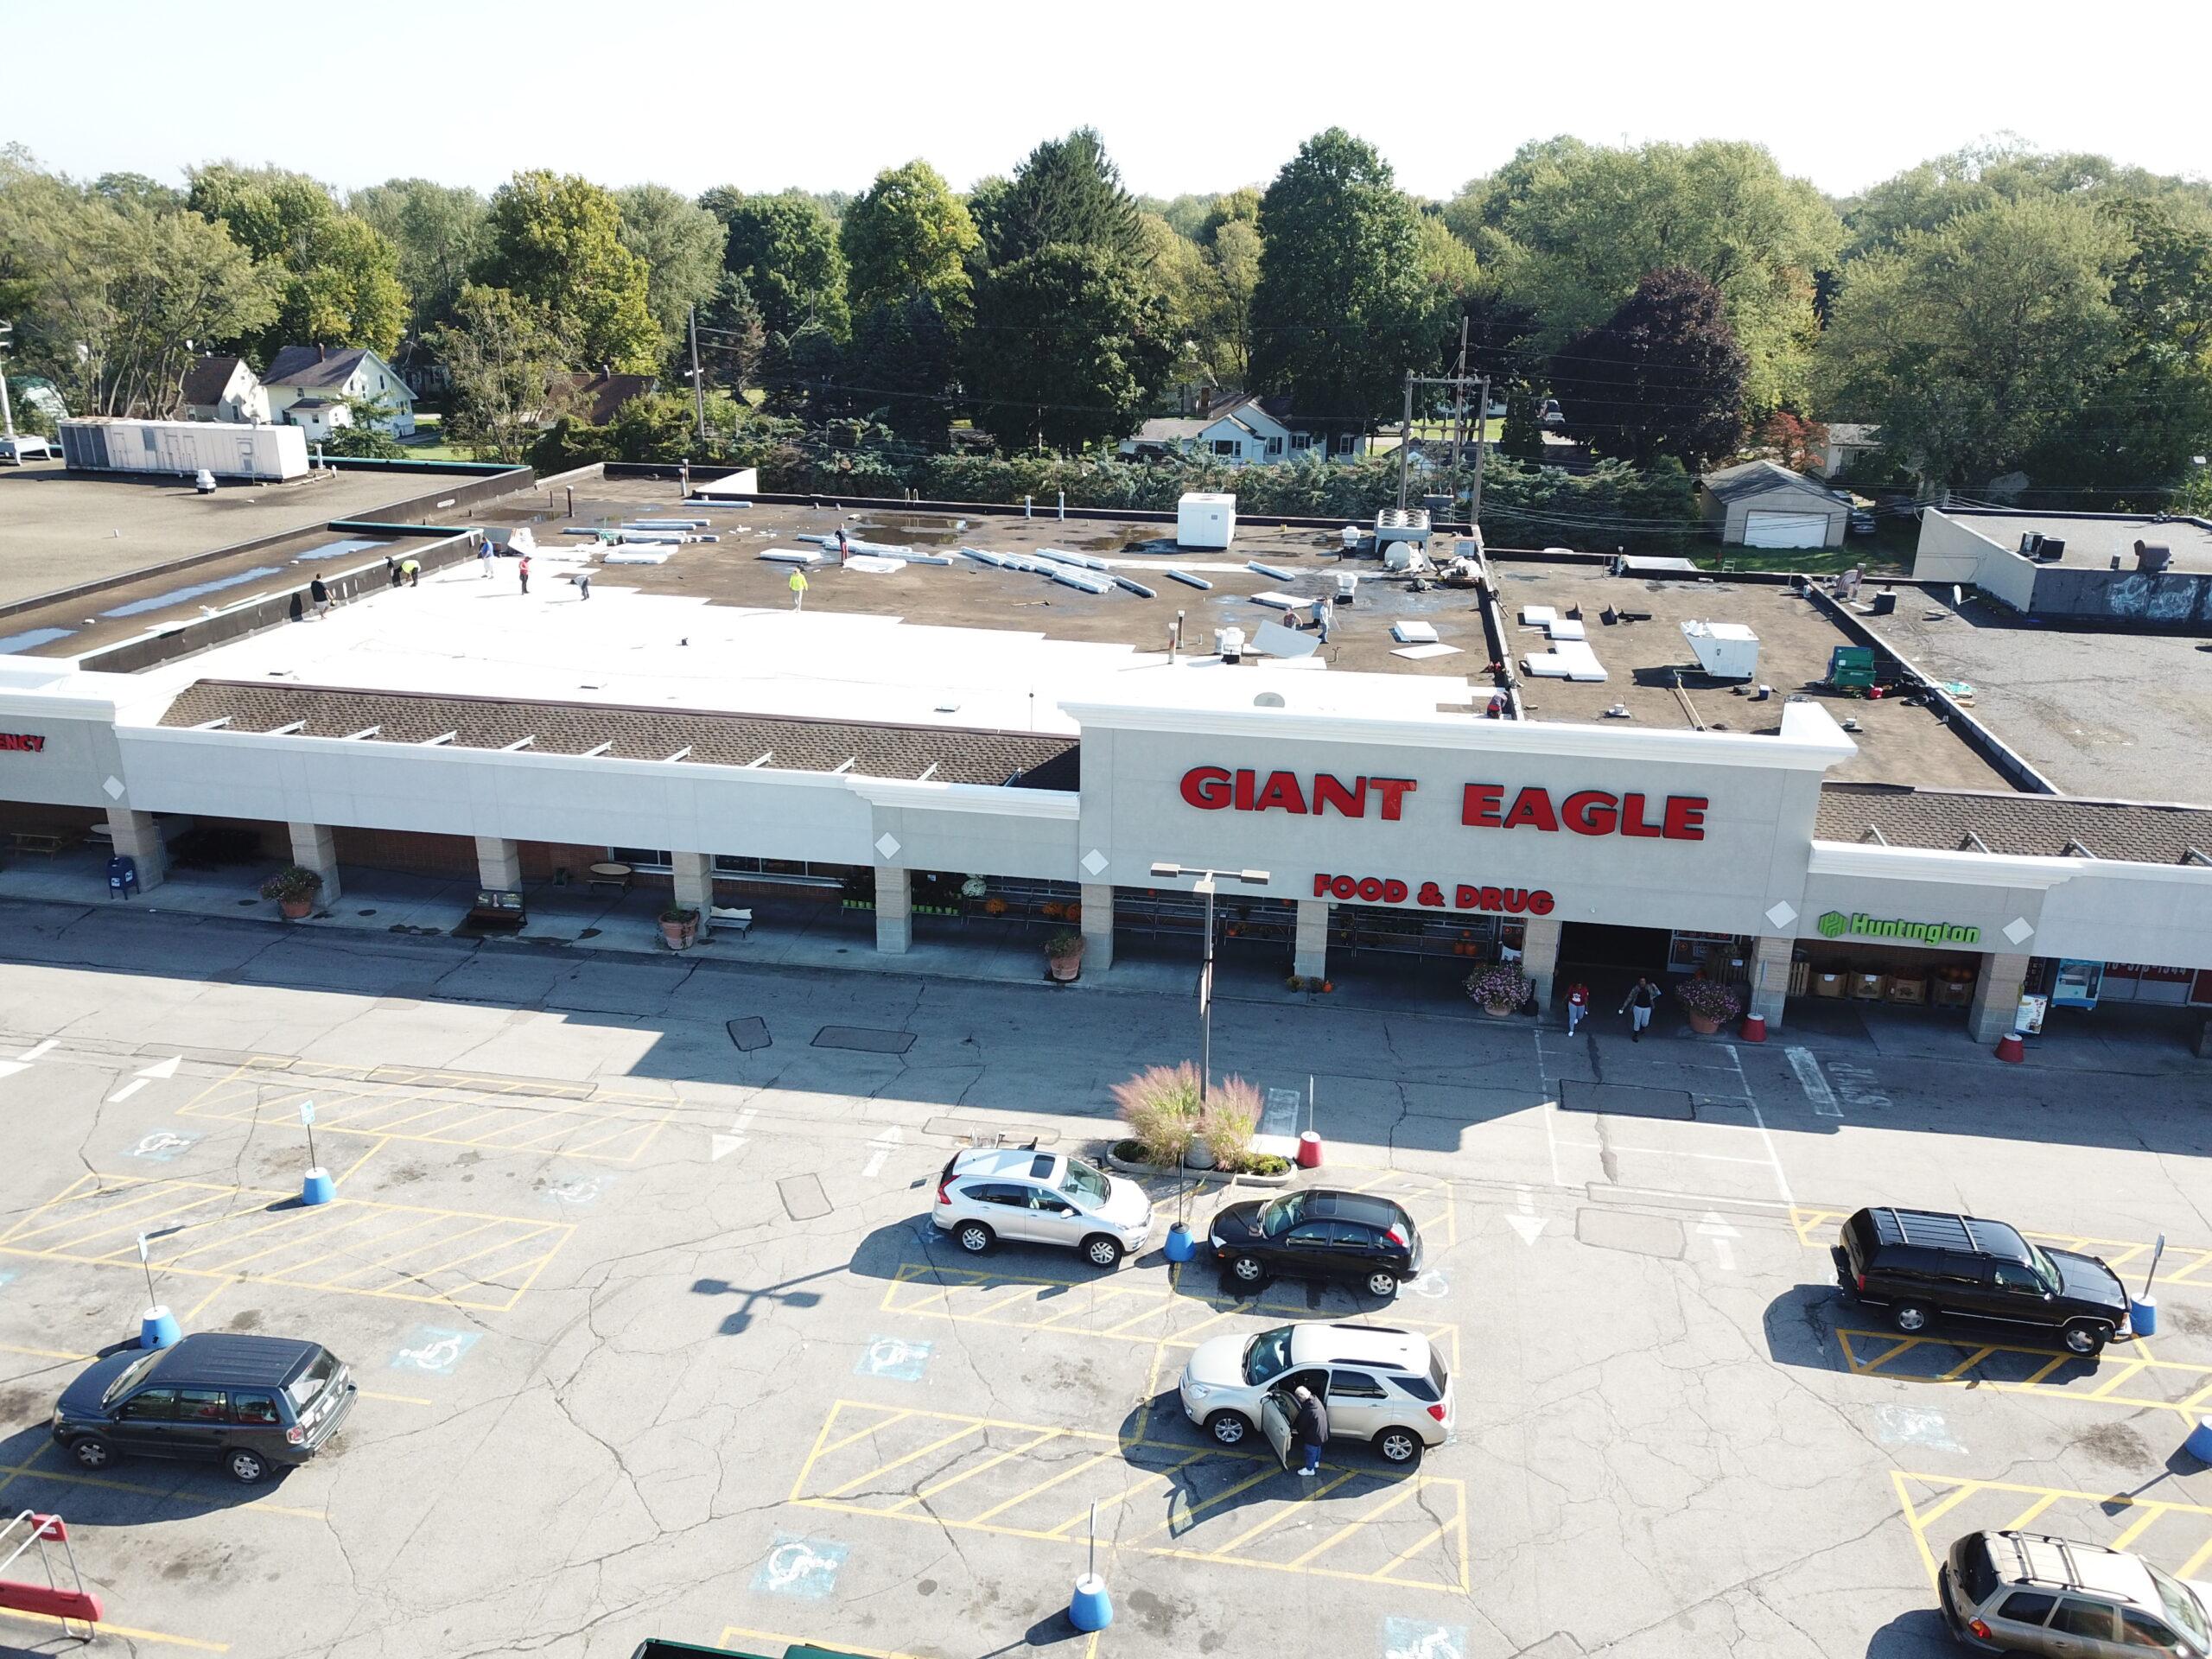 Giant Eagle 6